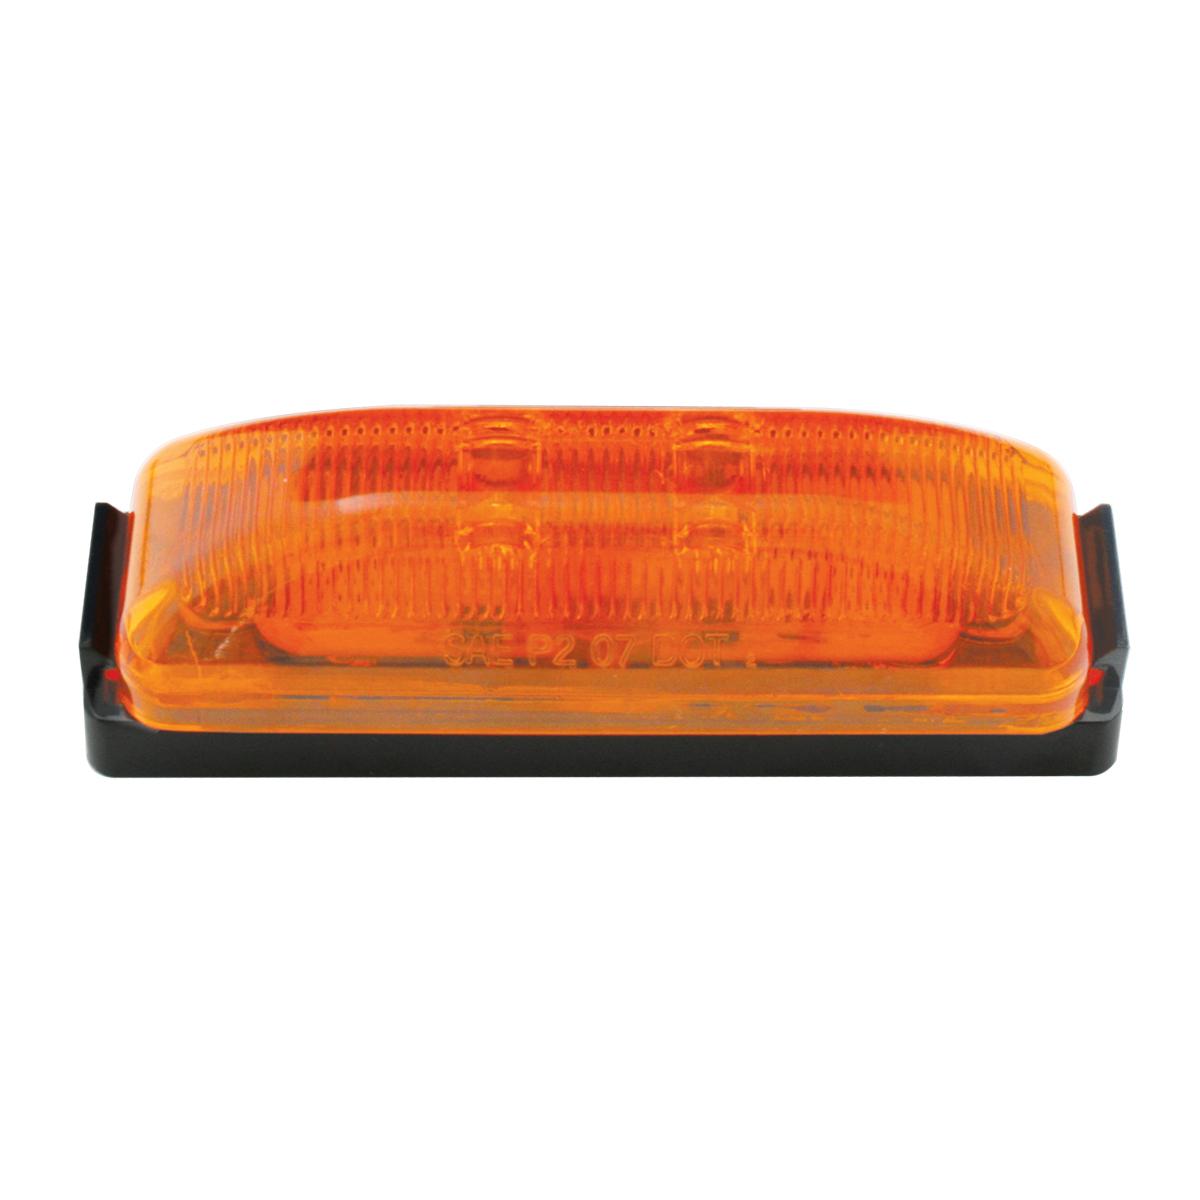 76405 Medium Rectangular Fleet LED Marker Light w/ Black Bracket